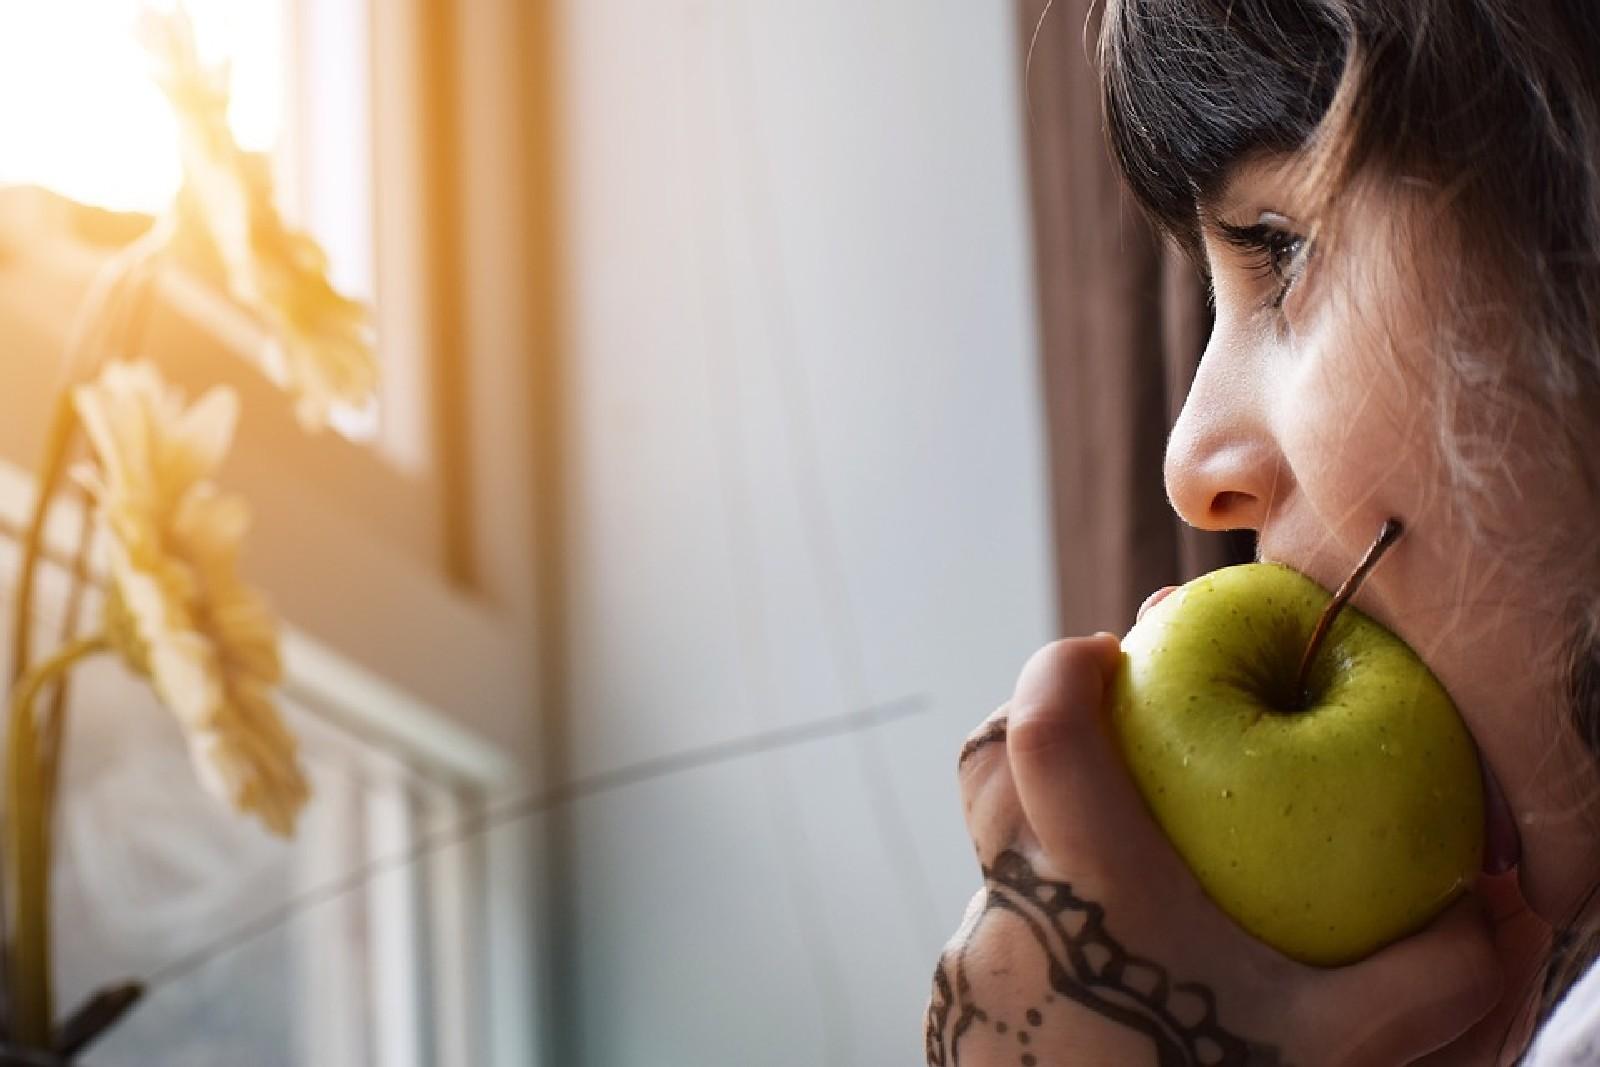 Alimentação saudável na infância evita problemas futuros